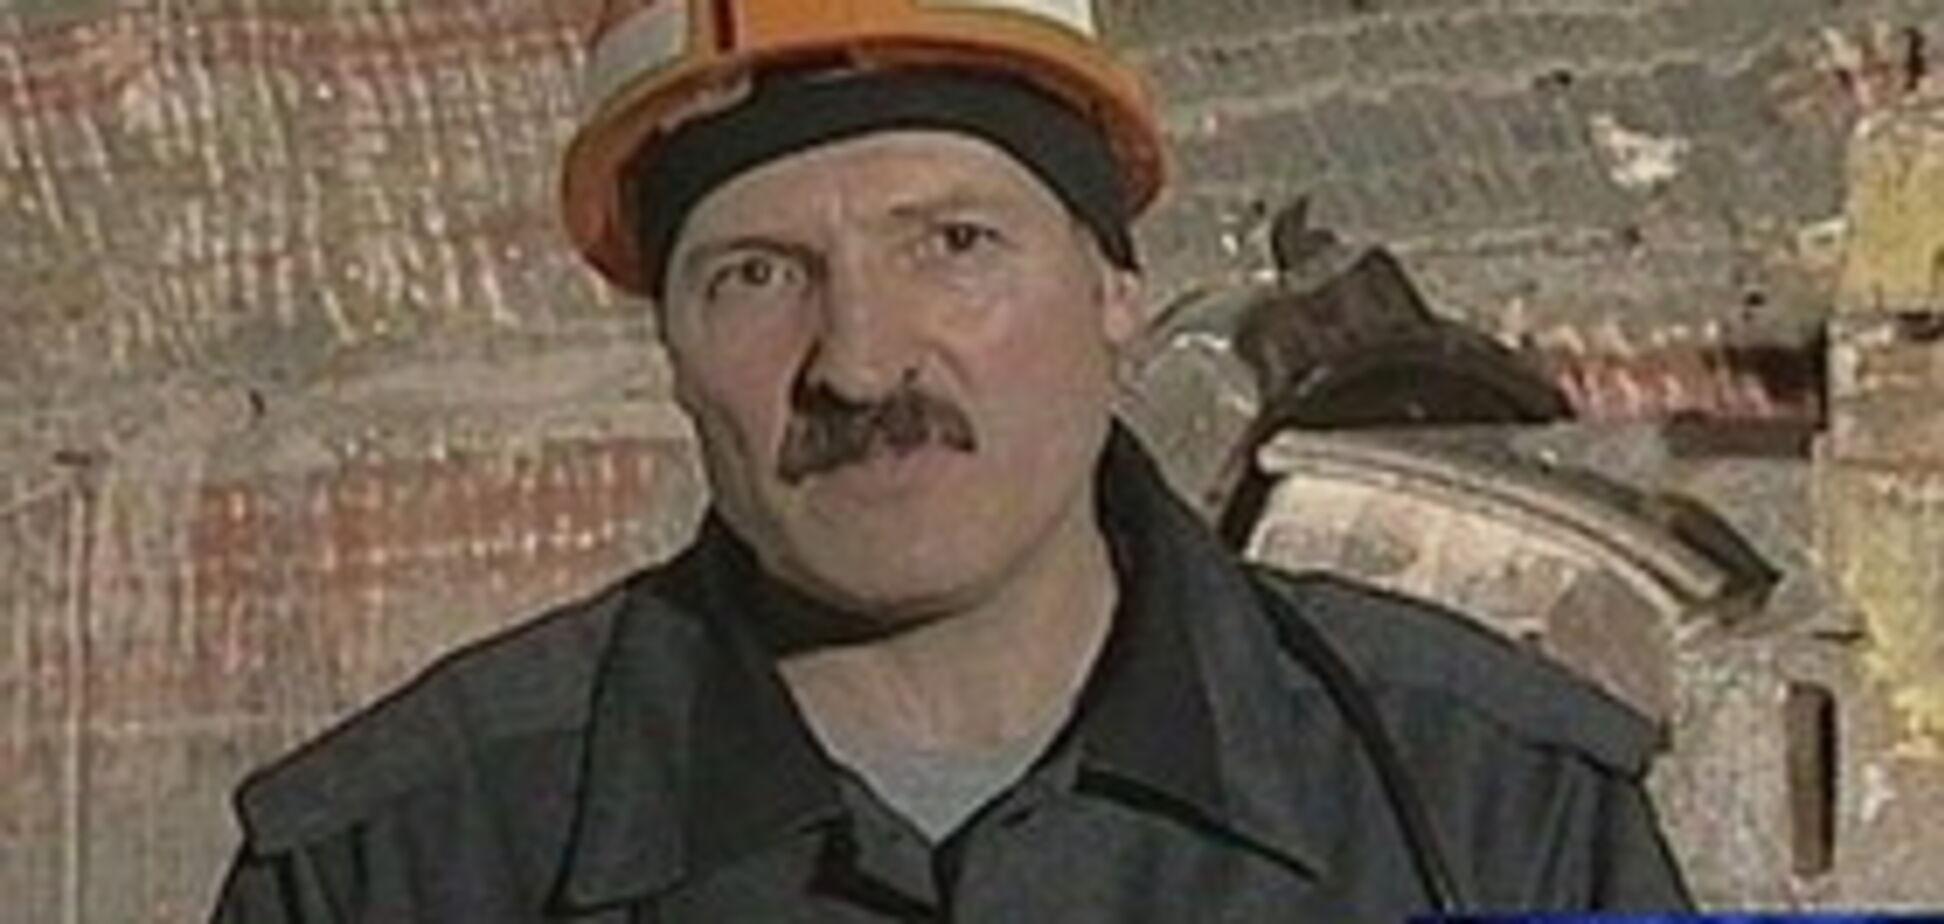 Лукашенко очутился в самой глубокой шахте Белоруссии